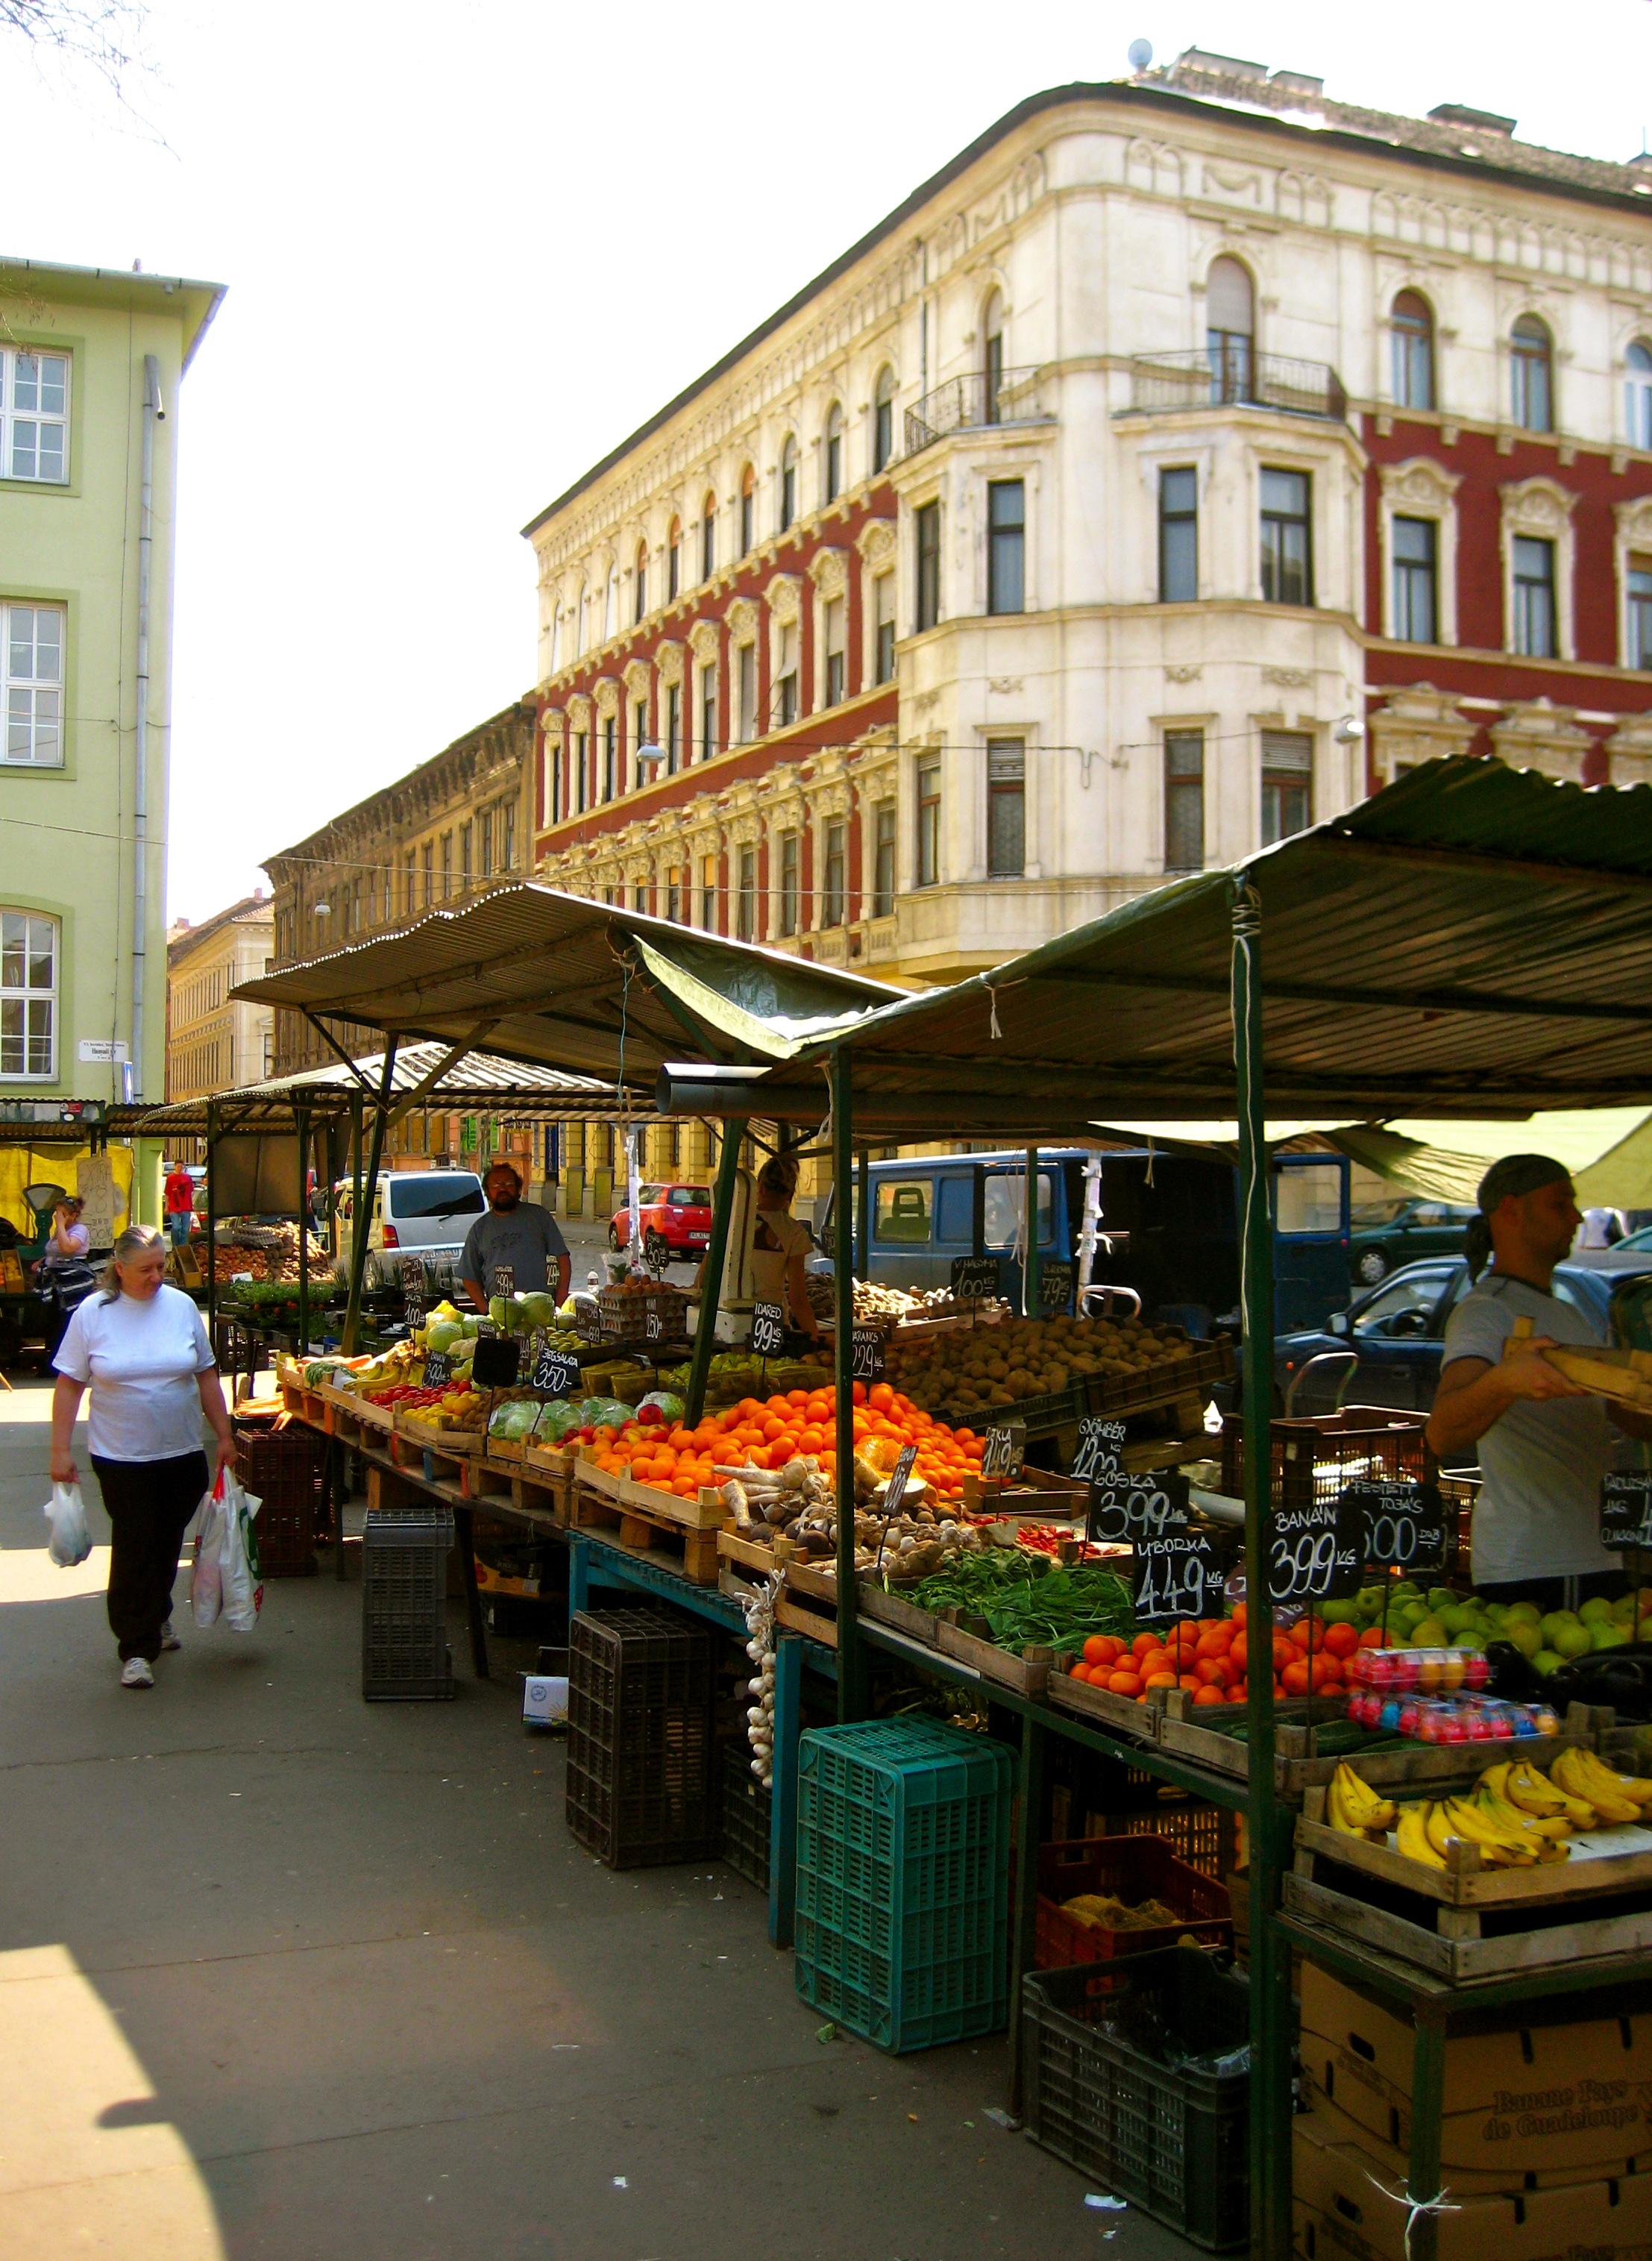 Ahová rendszeresen járok: 6. kerületi Hunyadi téri piac (Fotó: Flickr/Alex Barrow)